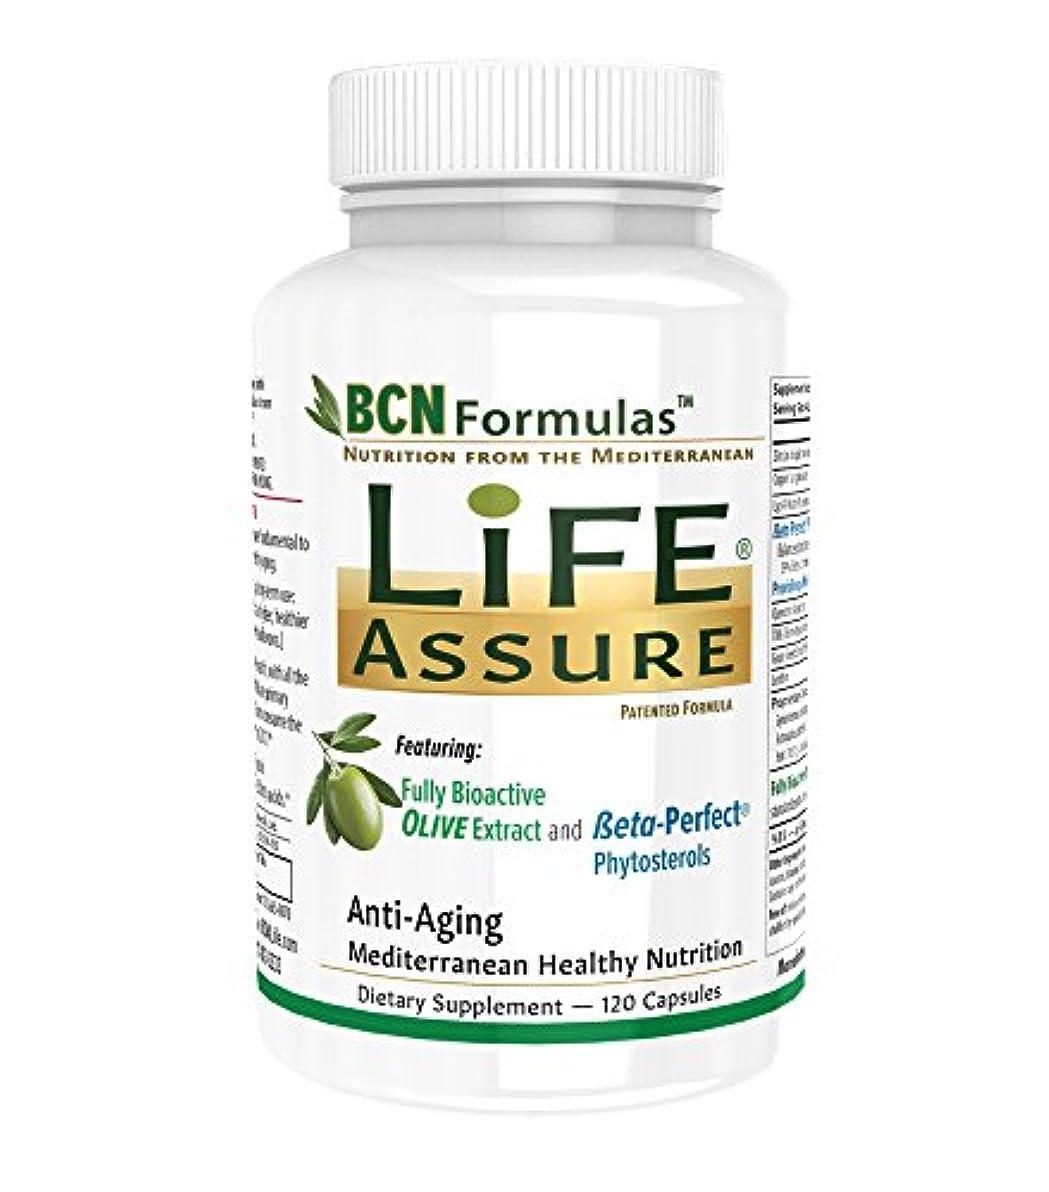 タイト人物失礼BCN Formulas Life Assure アンチ エイジング フォーミュラ(120カプセル)